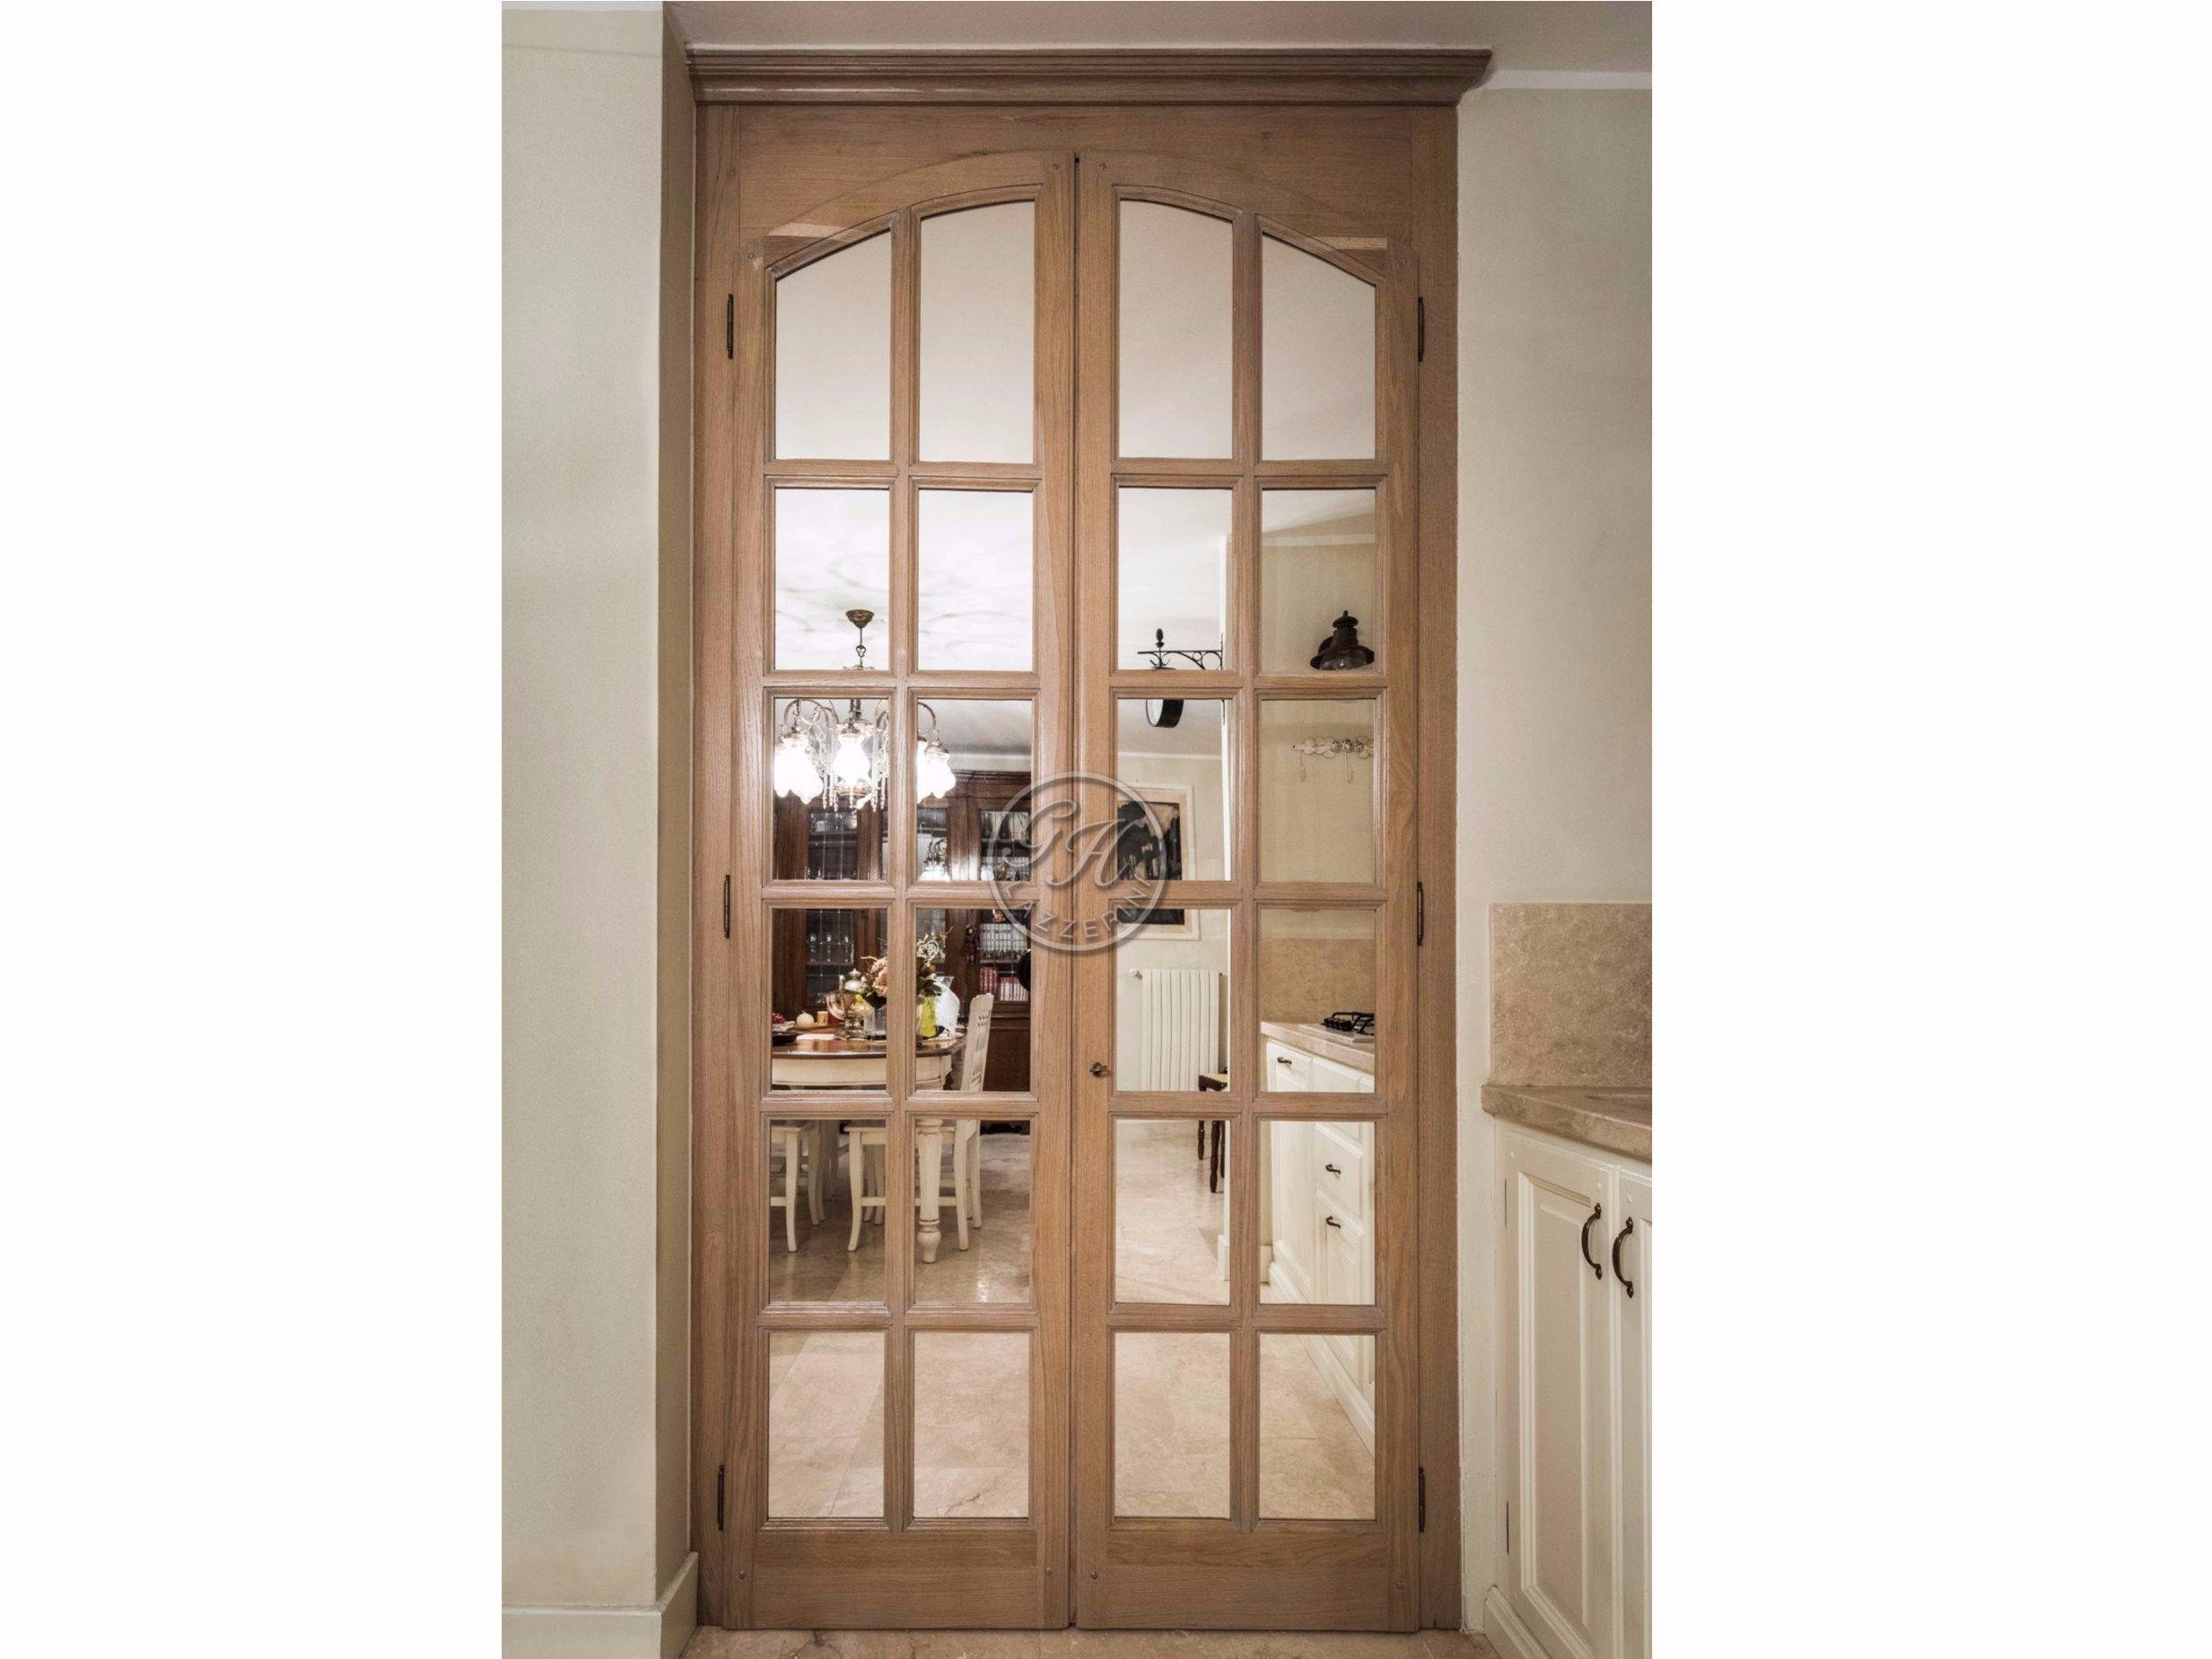 Puerta en madera y vidrio door 8 by gh lazzerini for Puertas en madera y vidrio